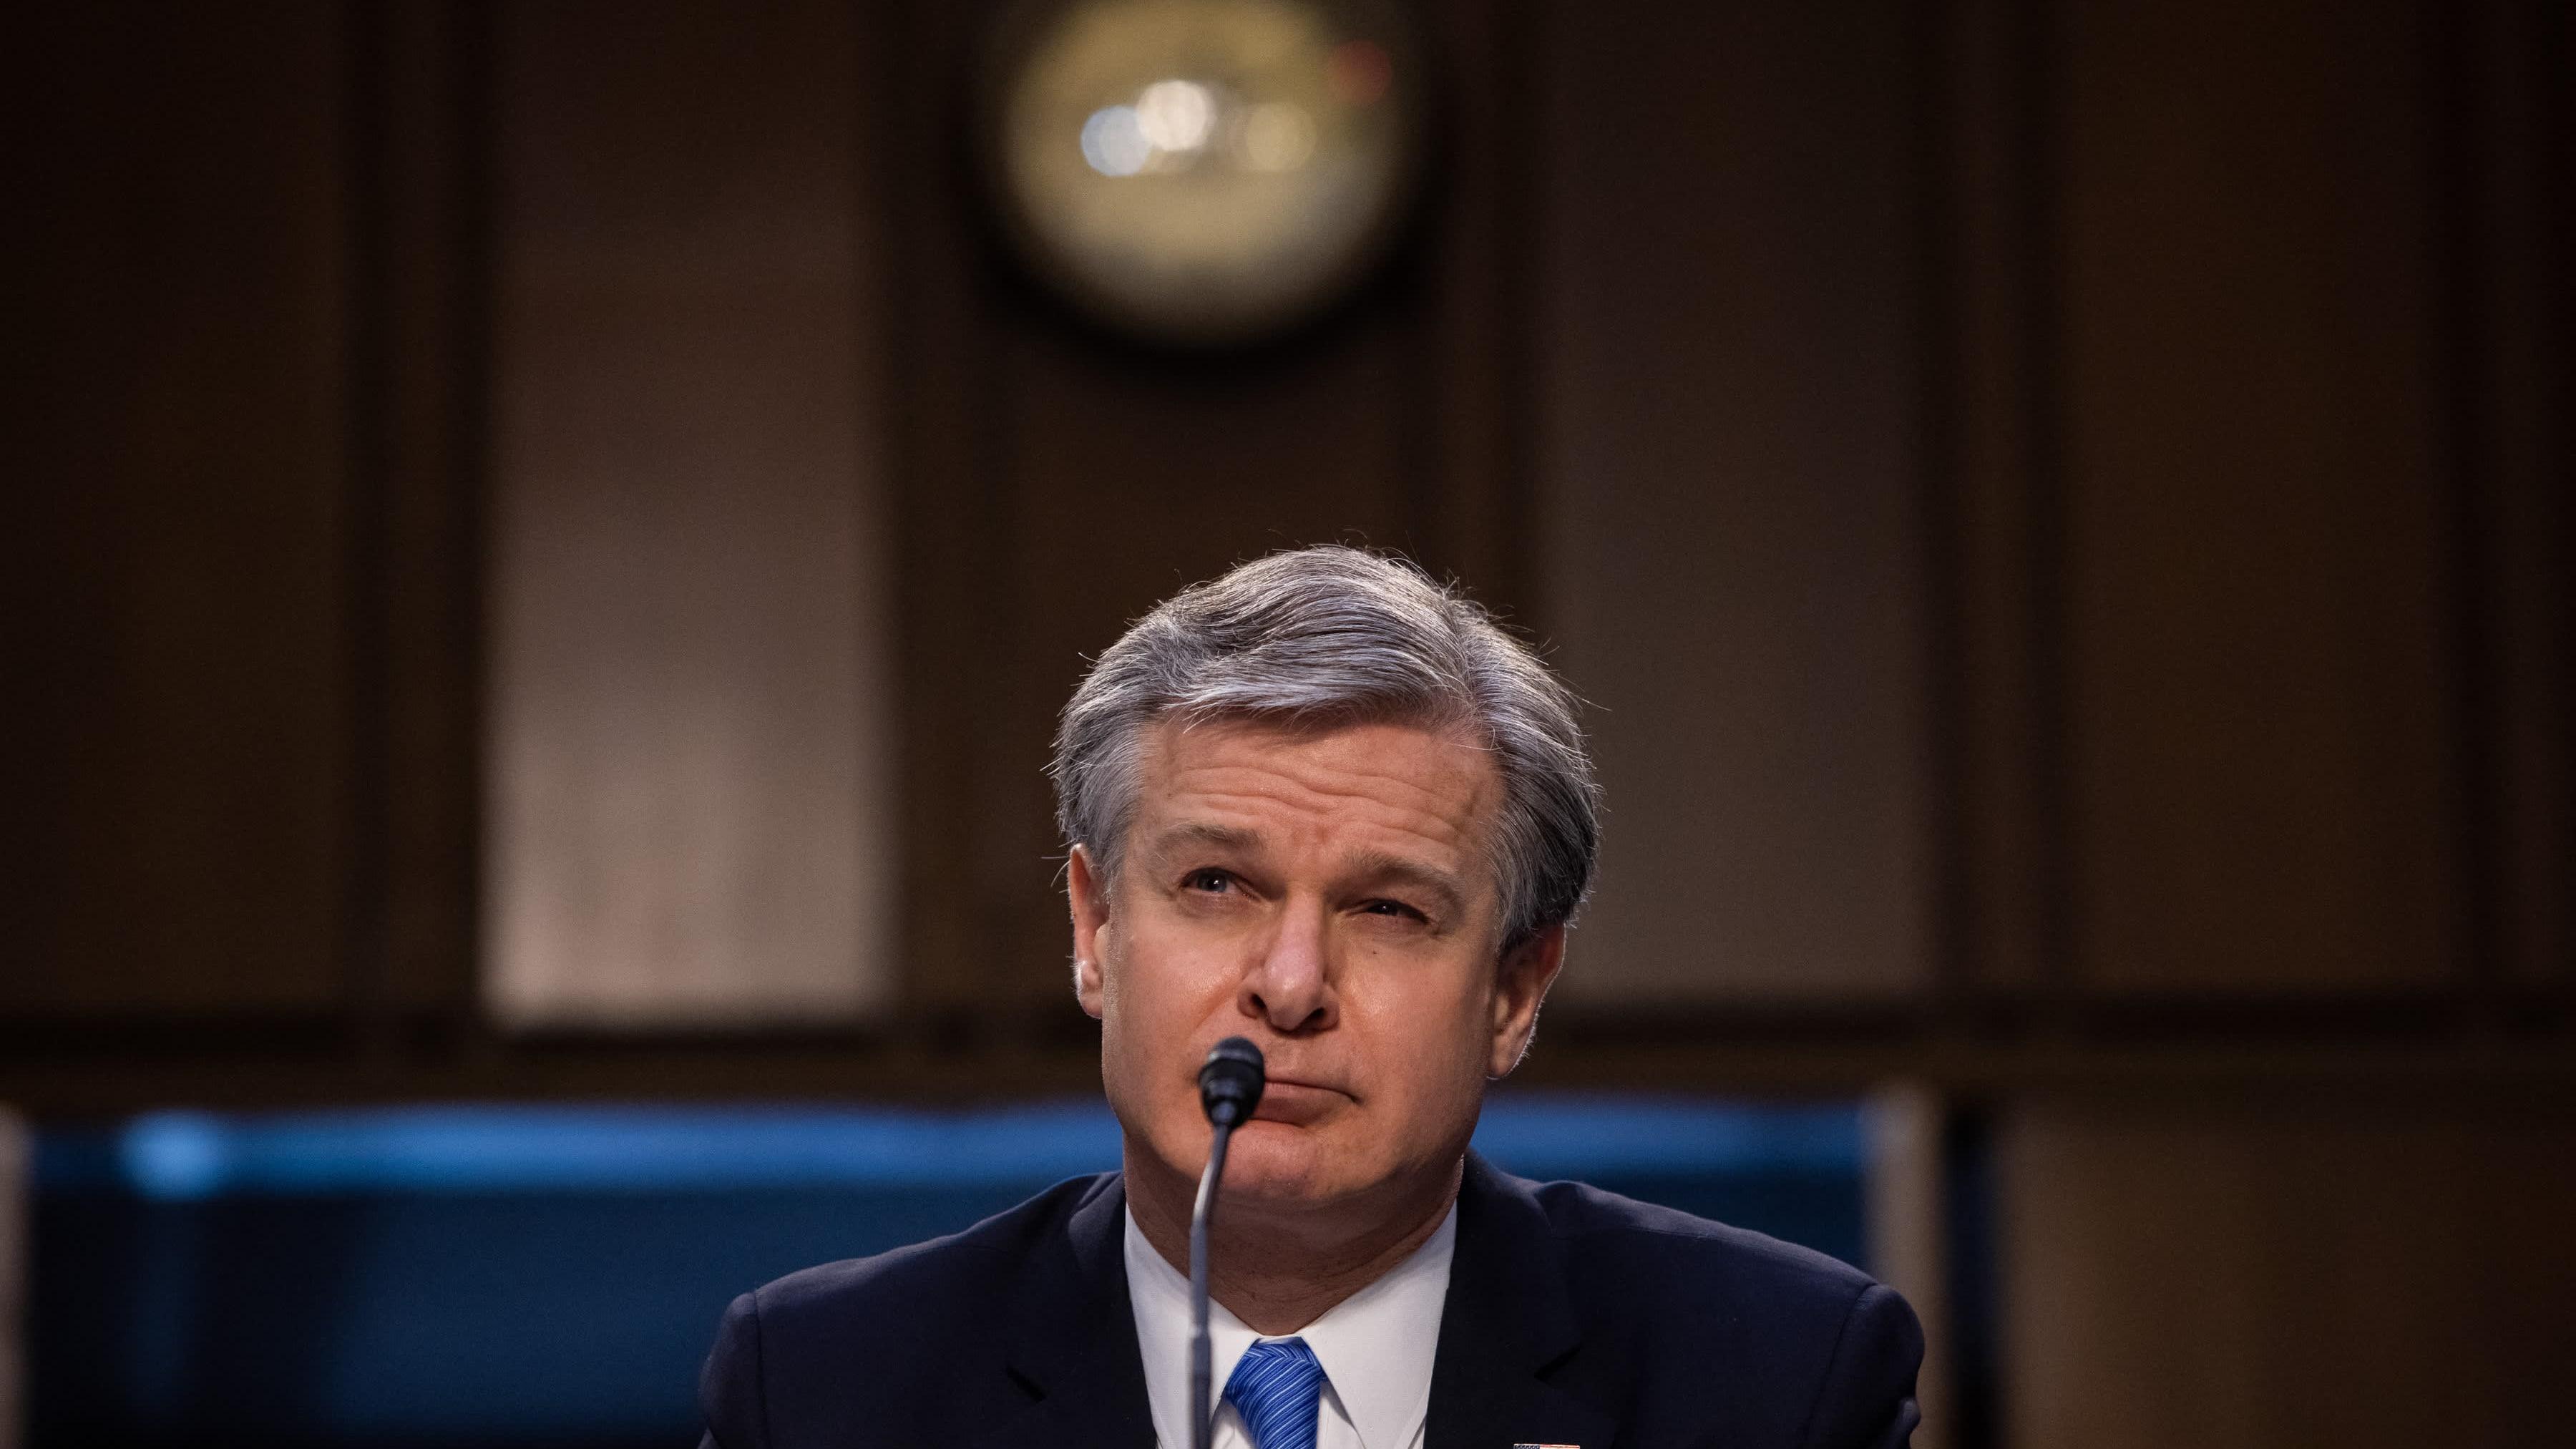 Yhdysvaltain liittovaltion poliisin FBI:n johtaja Christopher Wray senaatin oikeuskomitean kuulemisessa.